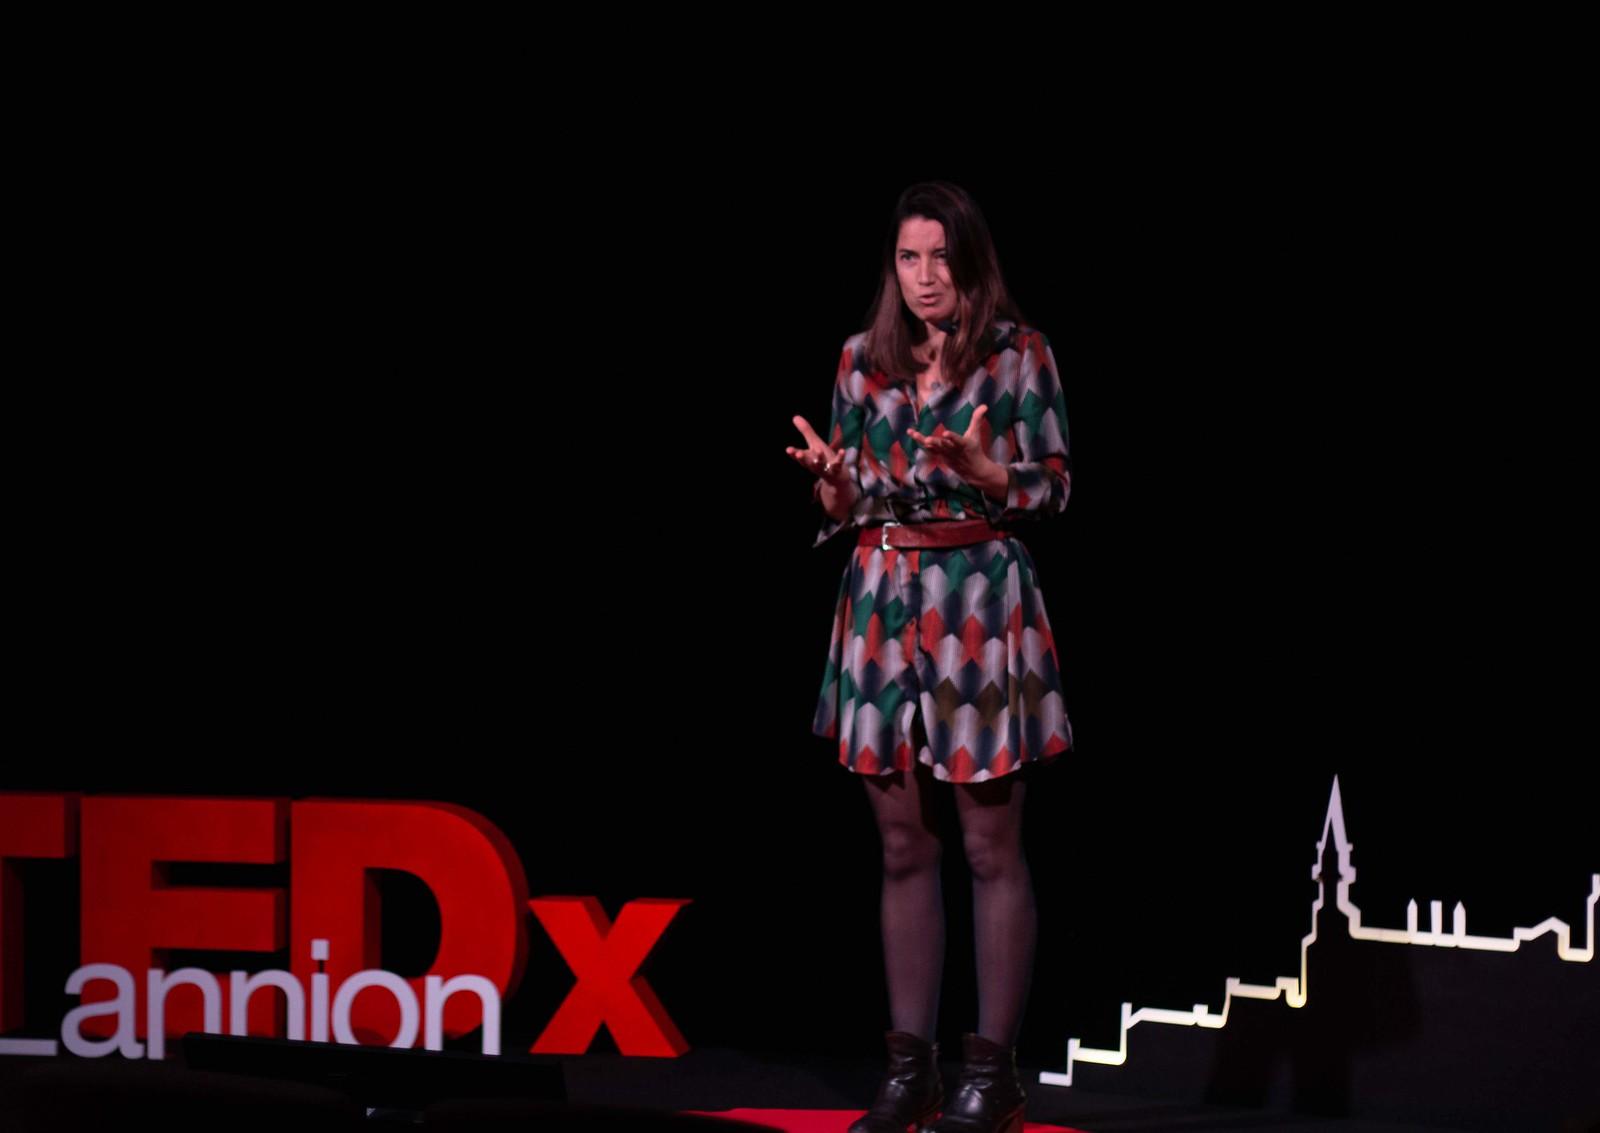 TEDxLannion-2018-63